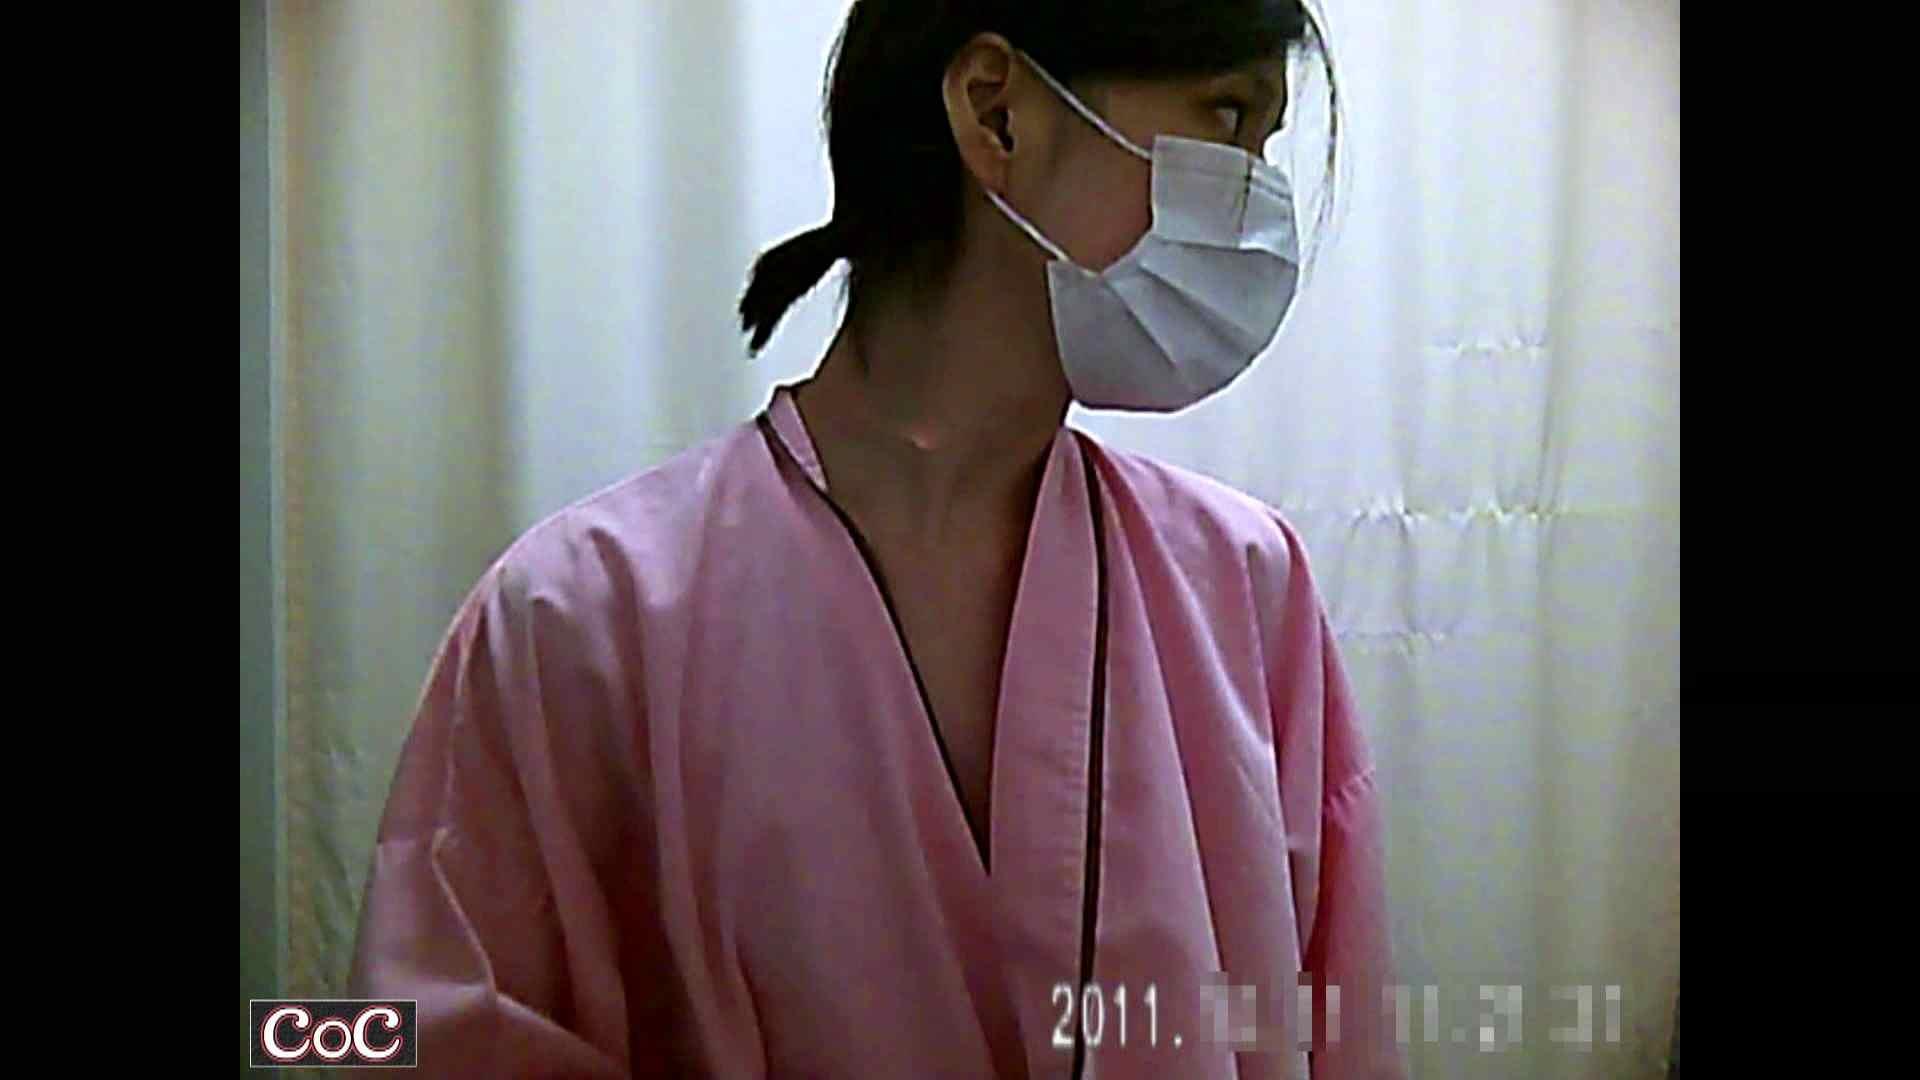 元医者による反抗 更衣室地獄絵巻 vol.242 OLハメ撮り  27Pix 18